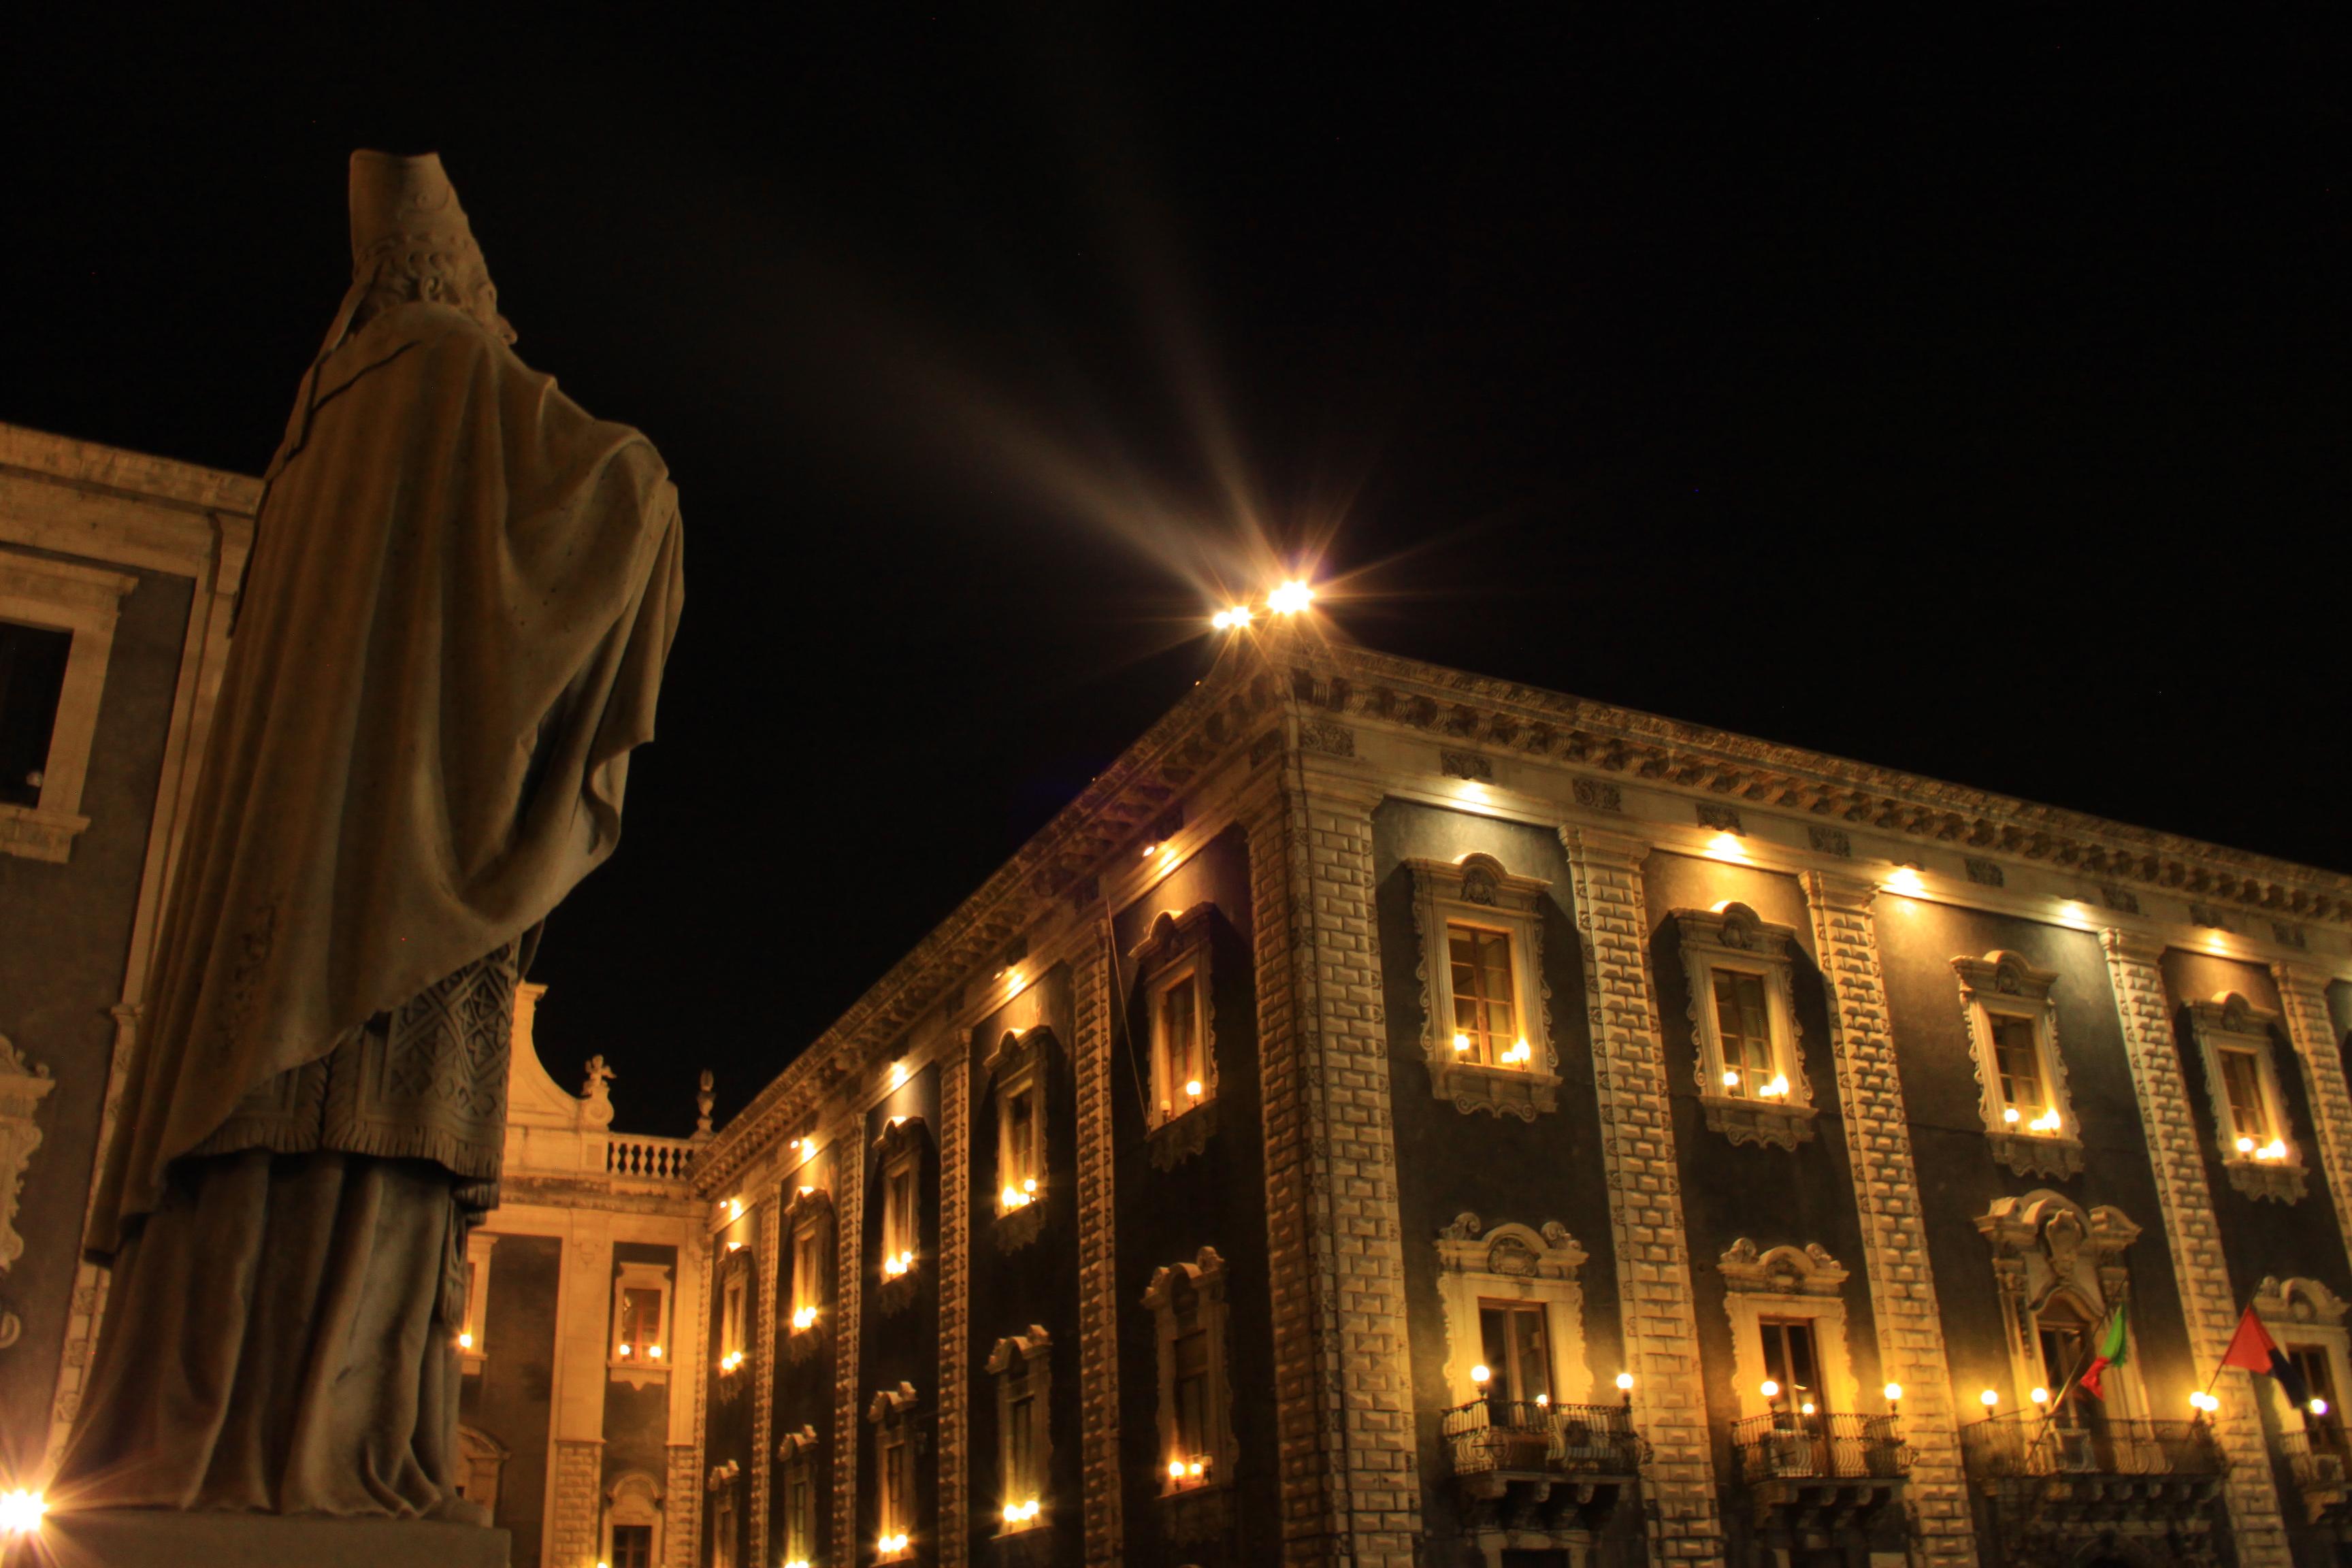 Duomo di Catania, Architecture, Black background, Building, City, HQ Photo